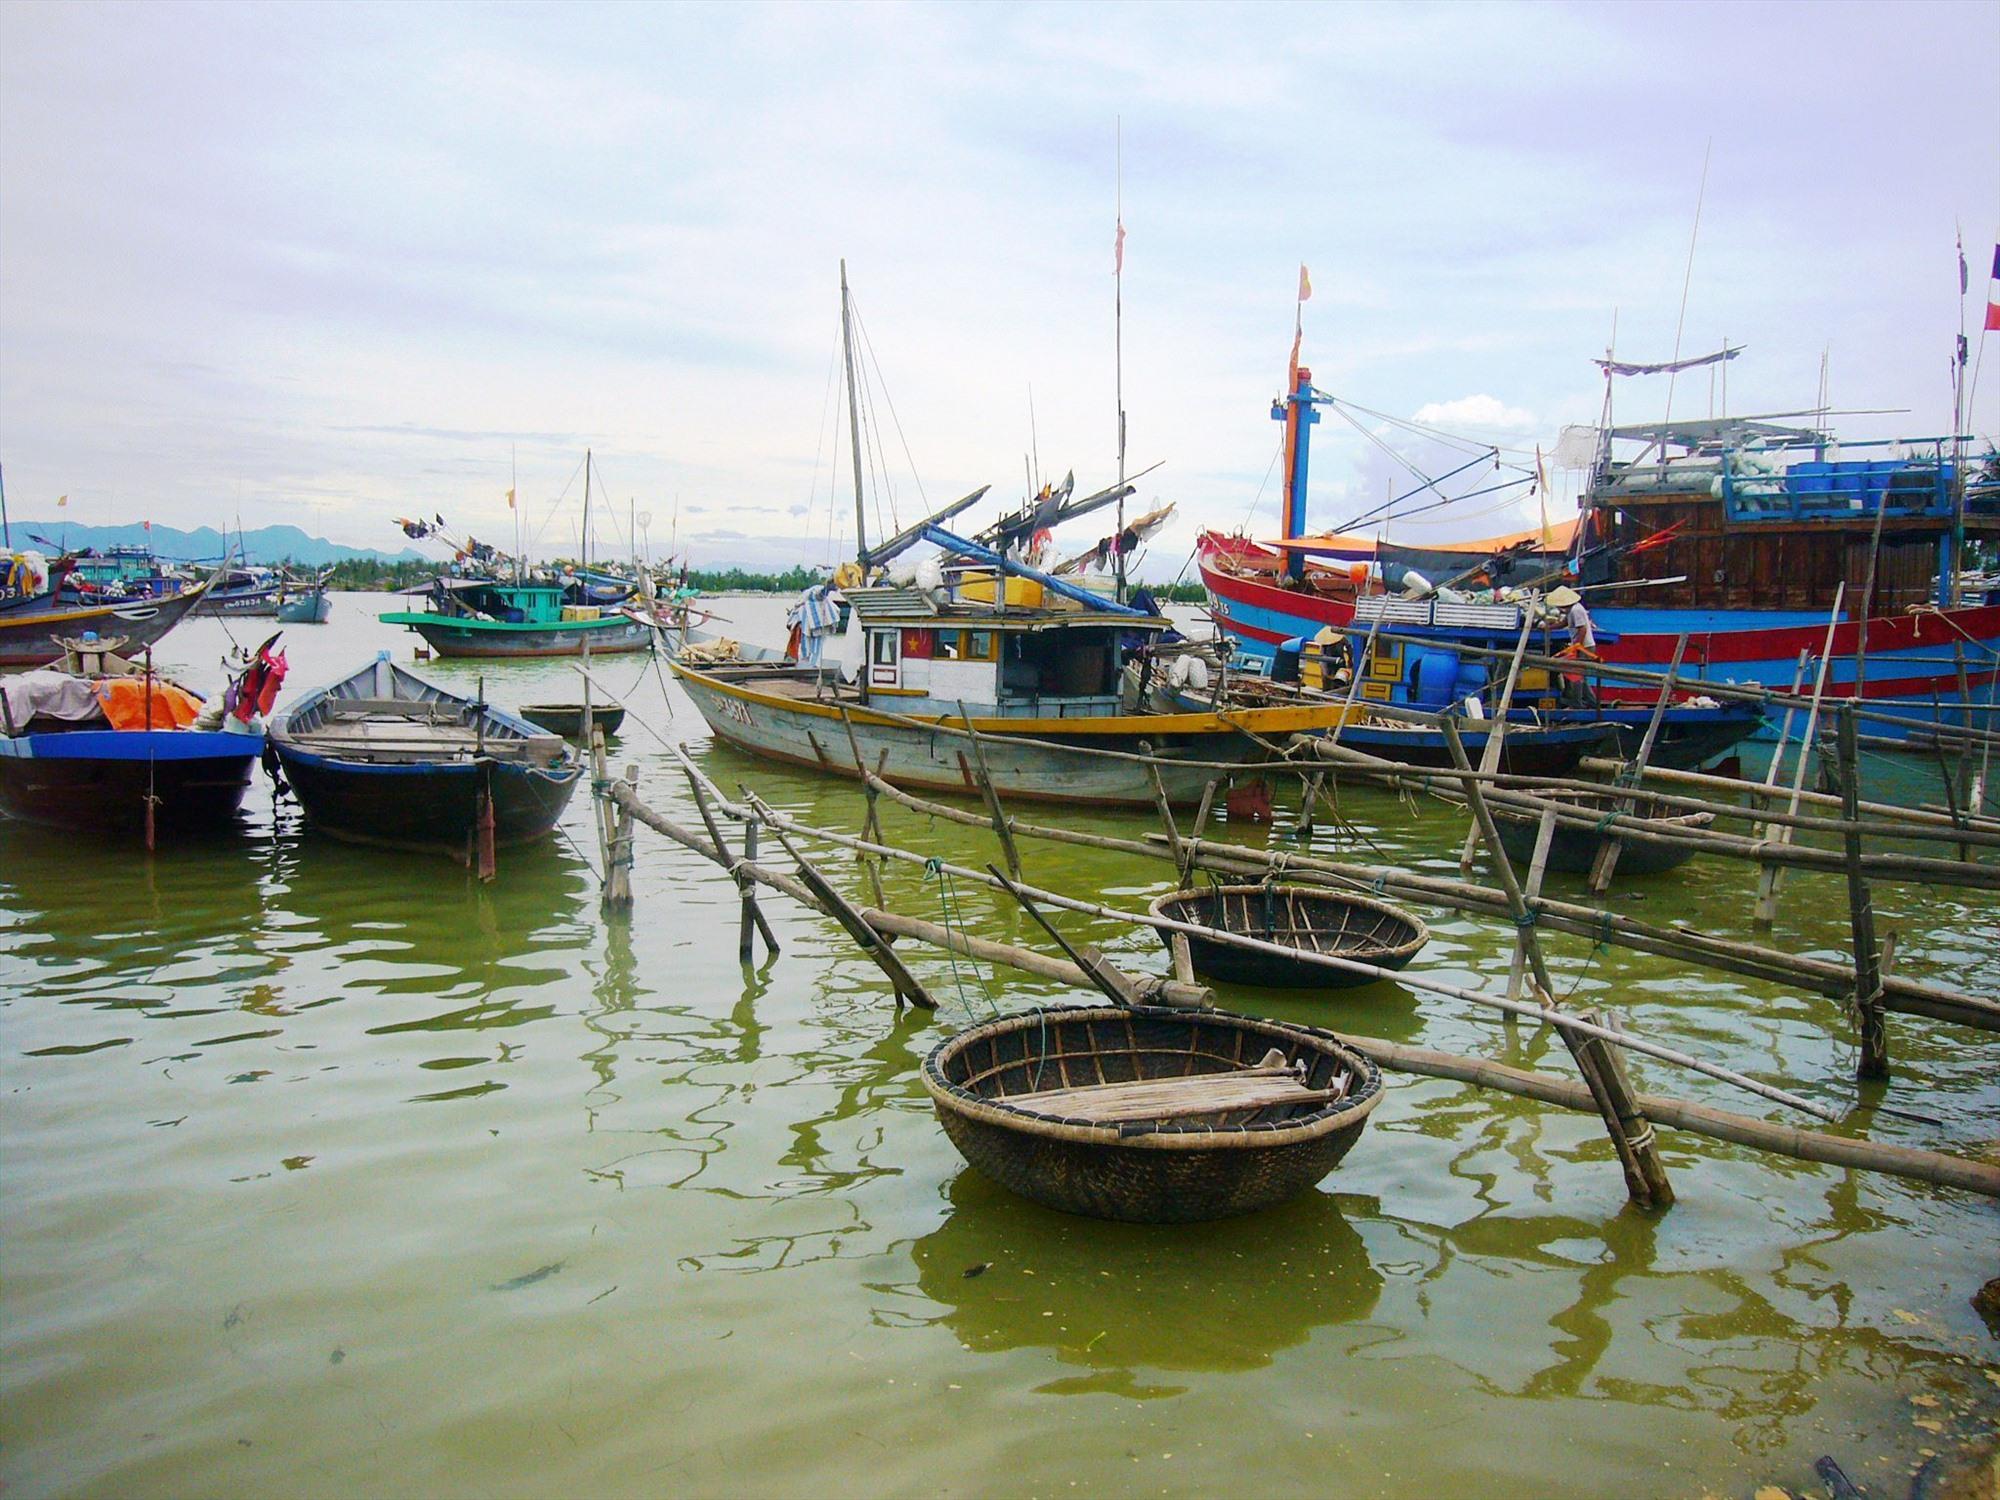 Bến neo đậu tàu thuyền của ngư dân làng biển Cửa Đại, TP.Hội An. Ảnh:Đ.H